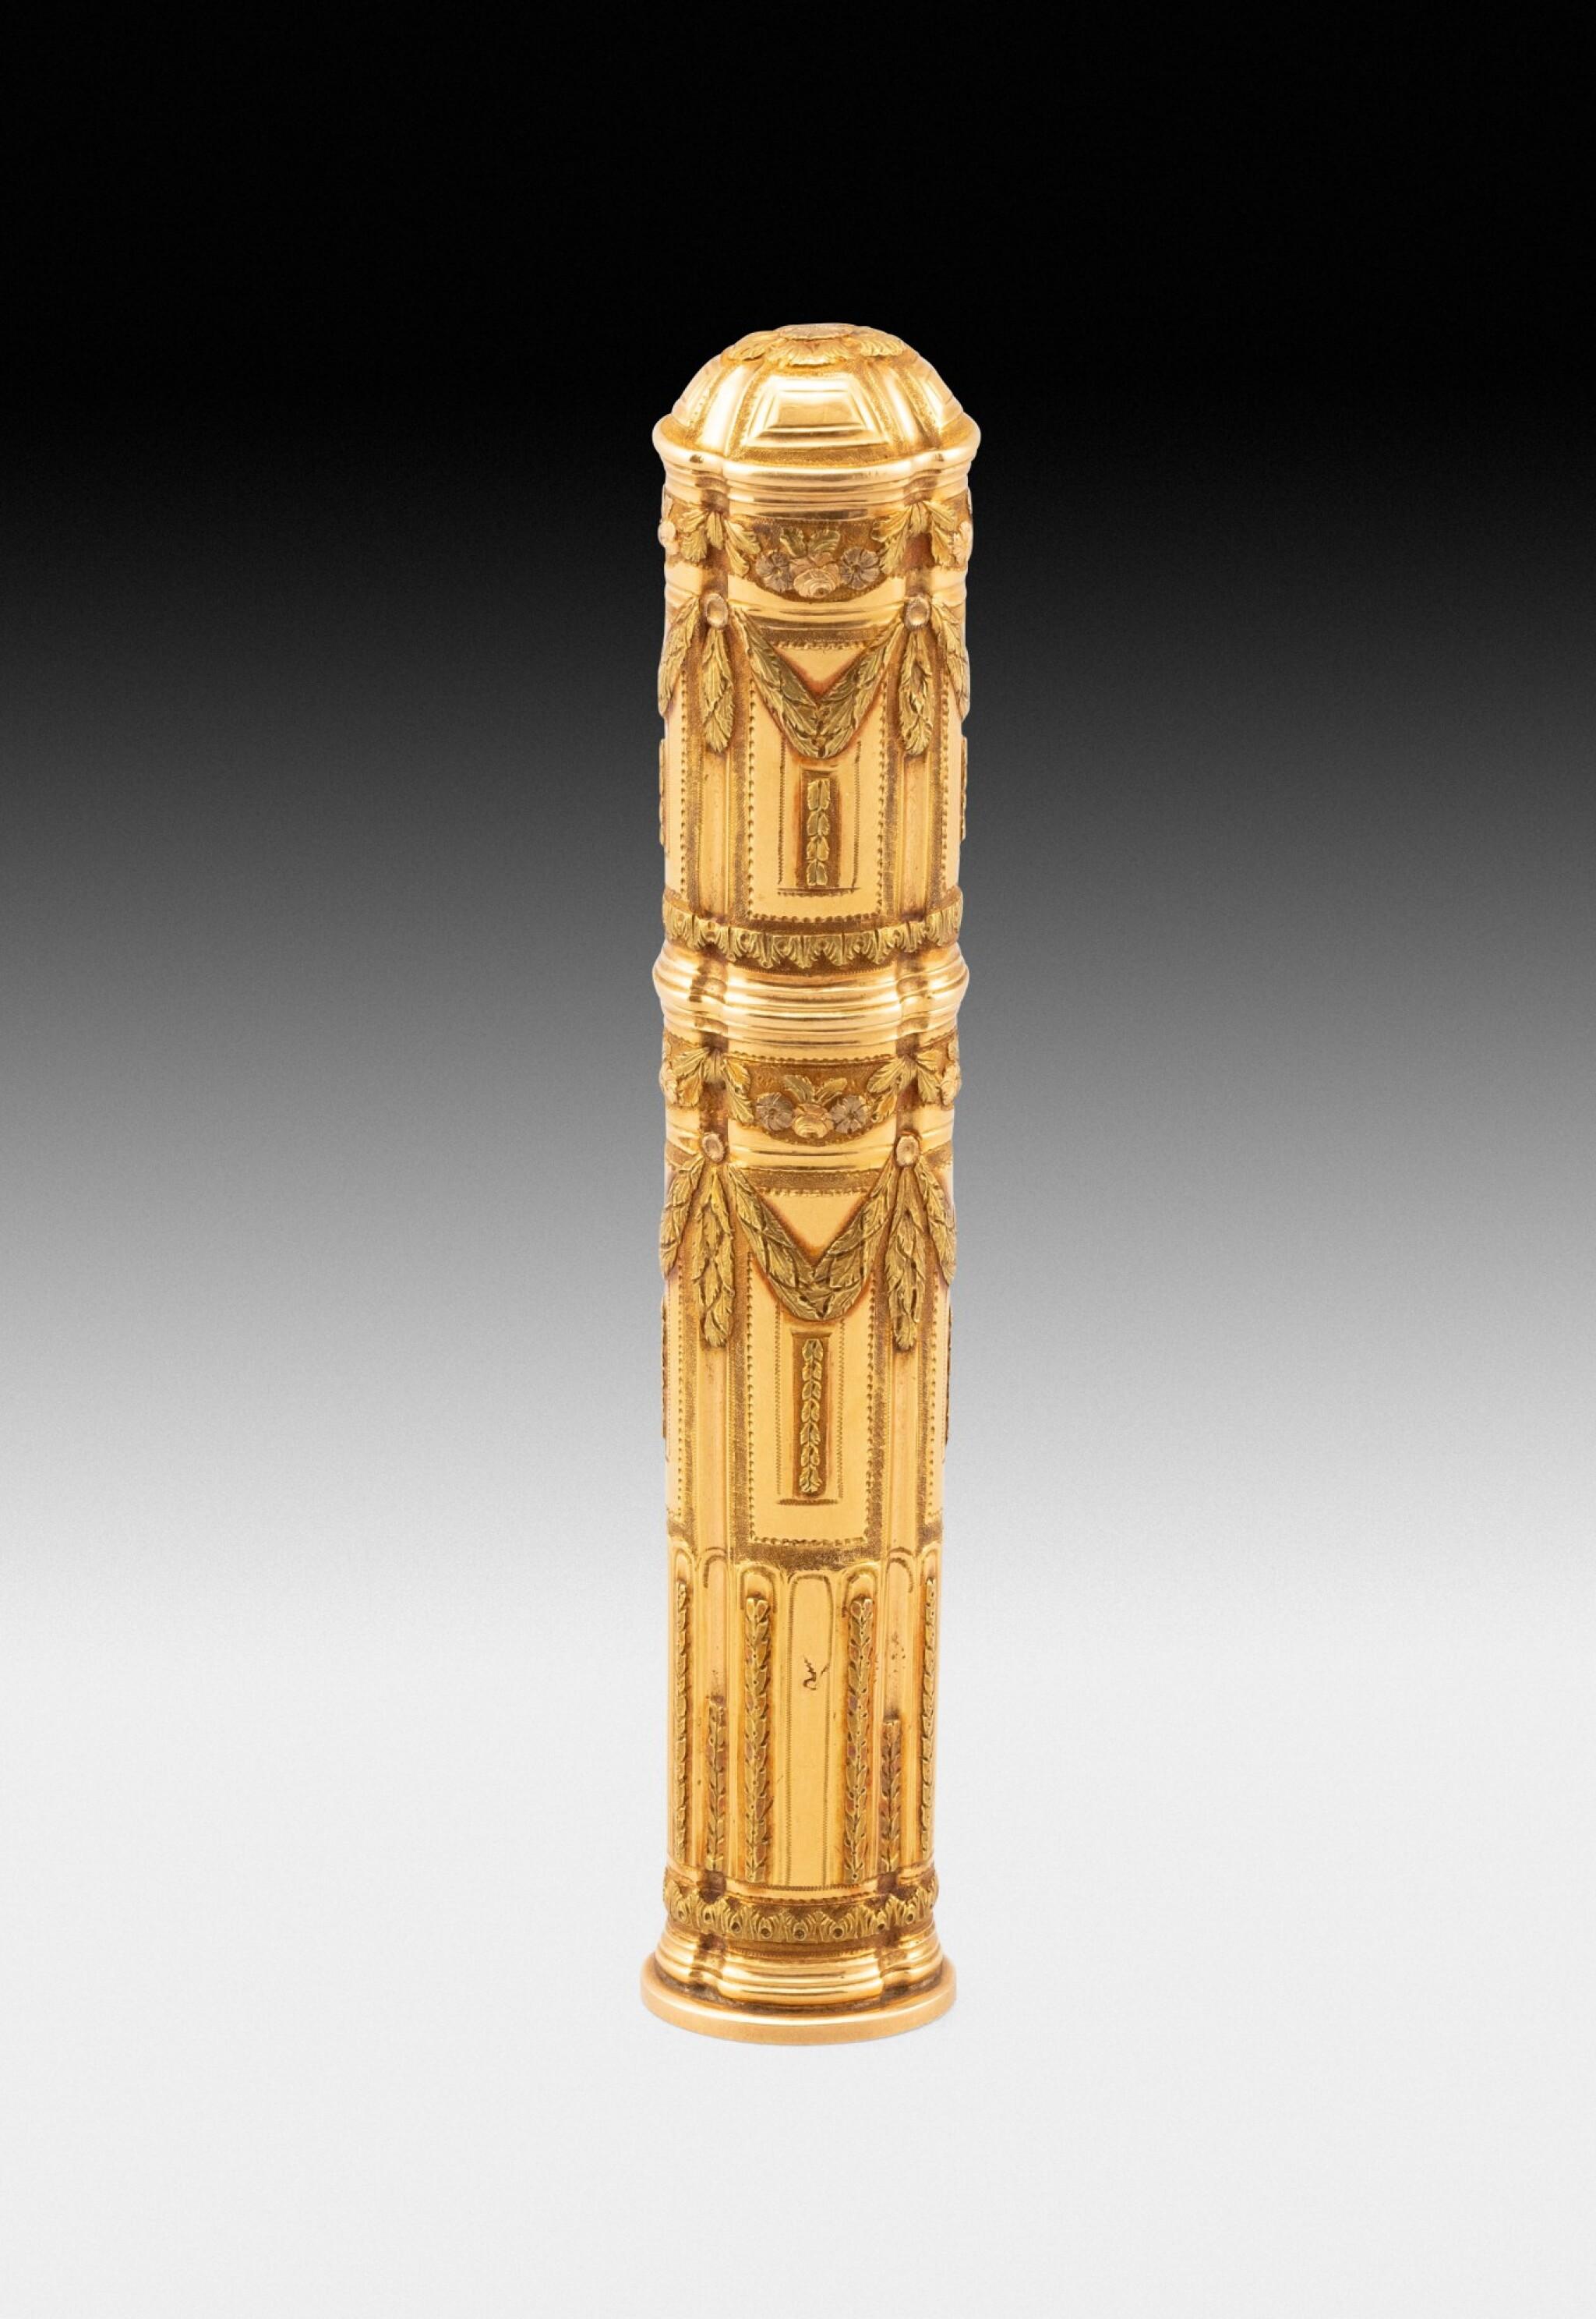 View full screen - View 1 of Lot 221. A gold seal-case, Nicolas Durier, Paris, 1768-1774| Etui en or par Nicolas Durier, Paris, 1768-1774.